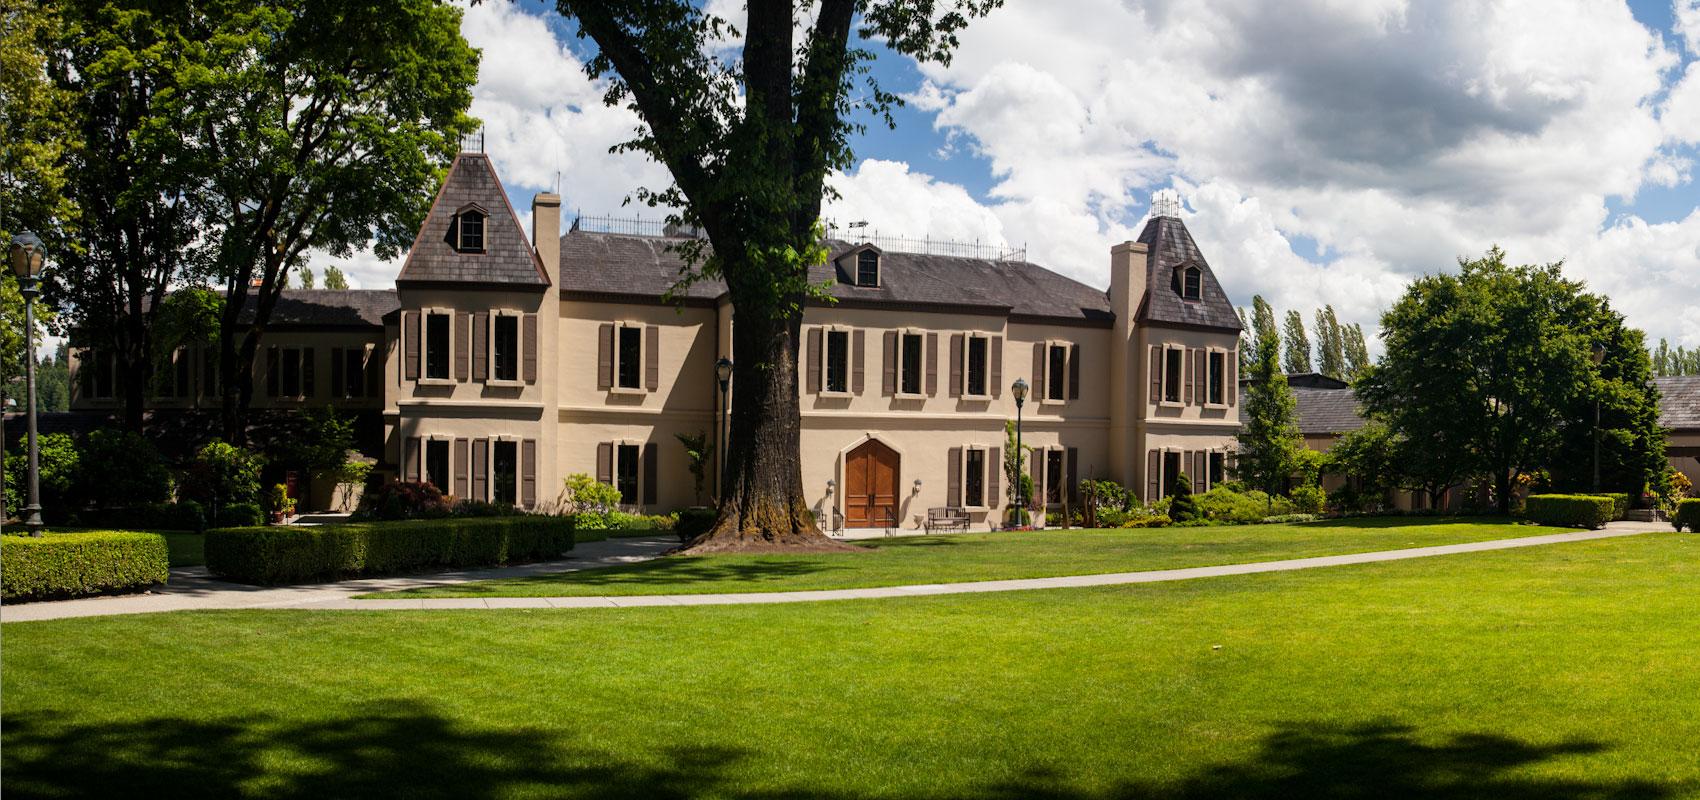 FBK discovered luxury estates and vineyards of Medvedev 02.03.2017